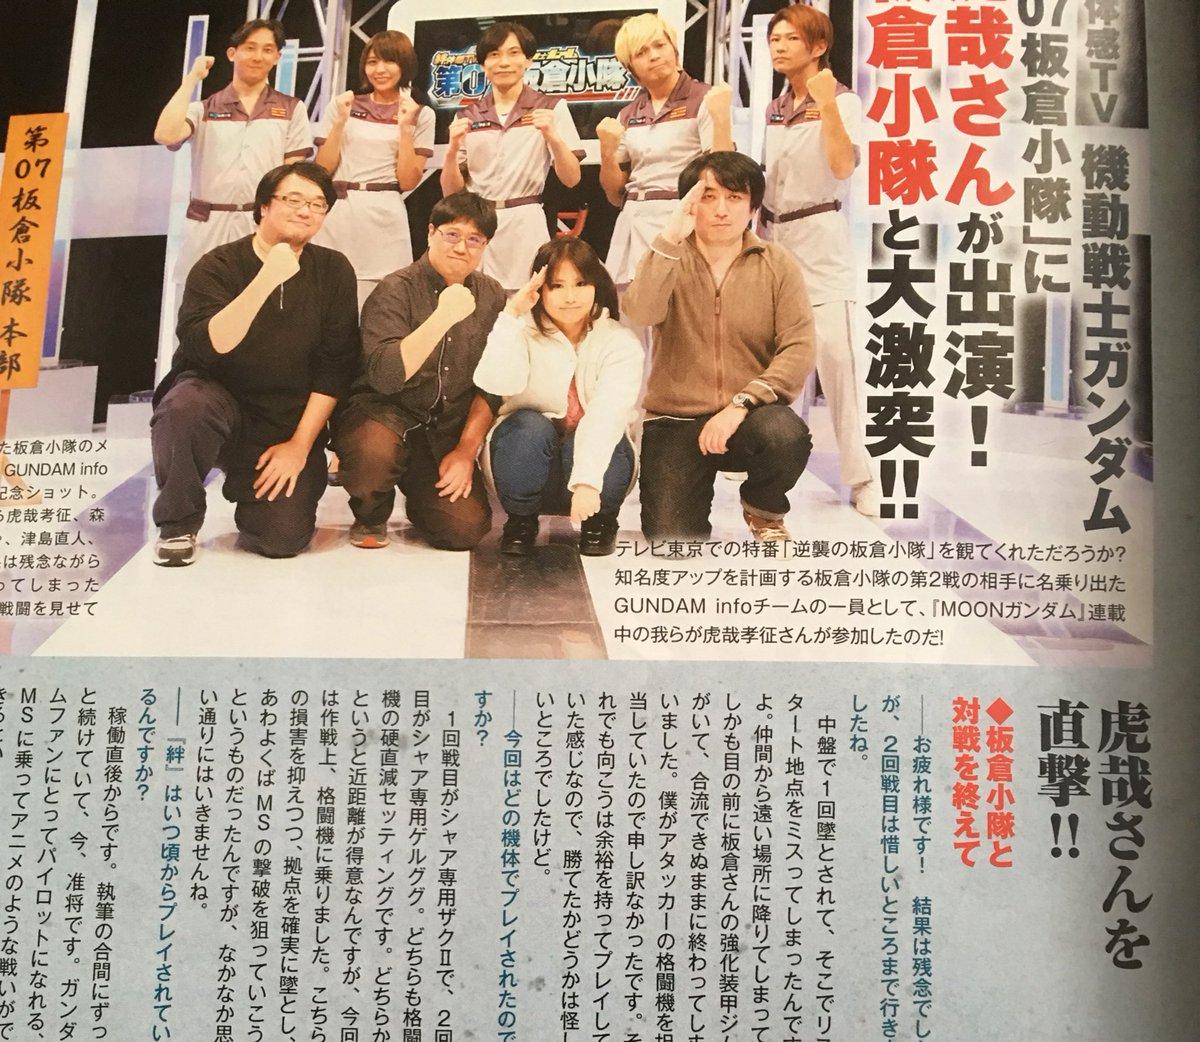 発売中のガンダムエースに記事掲載されてた♪ #板倉小隊